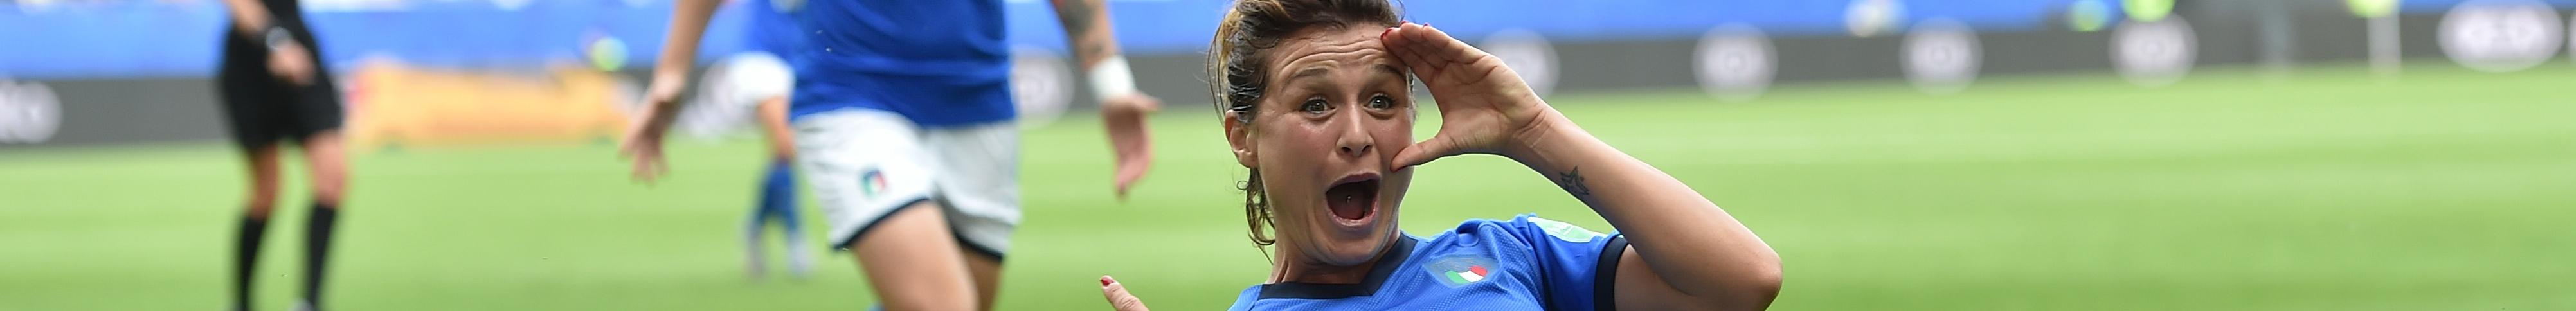 Italia-Brasile: le azzurre vogliono vincere il girone, verdeoro con il dubbio Marta